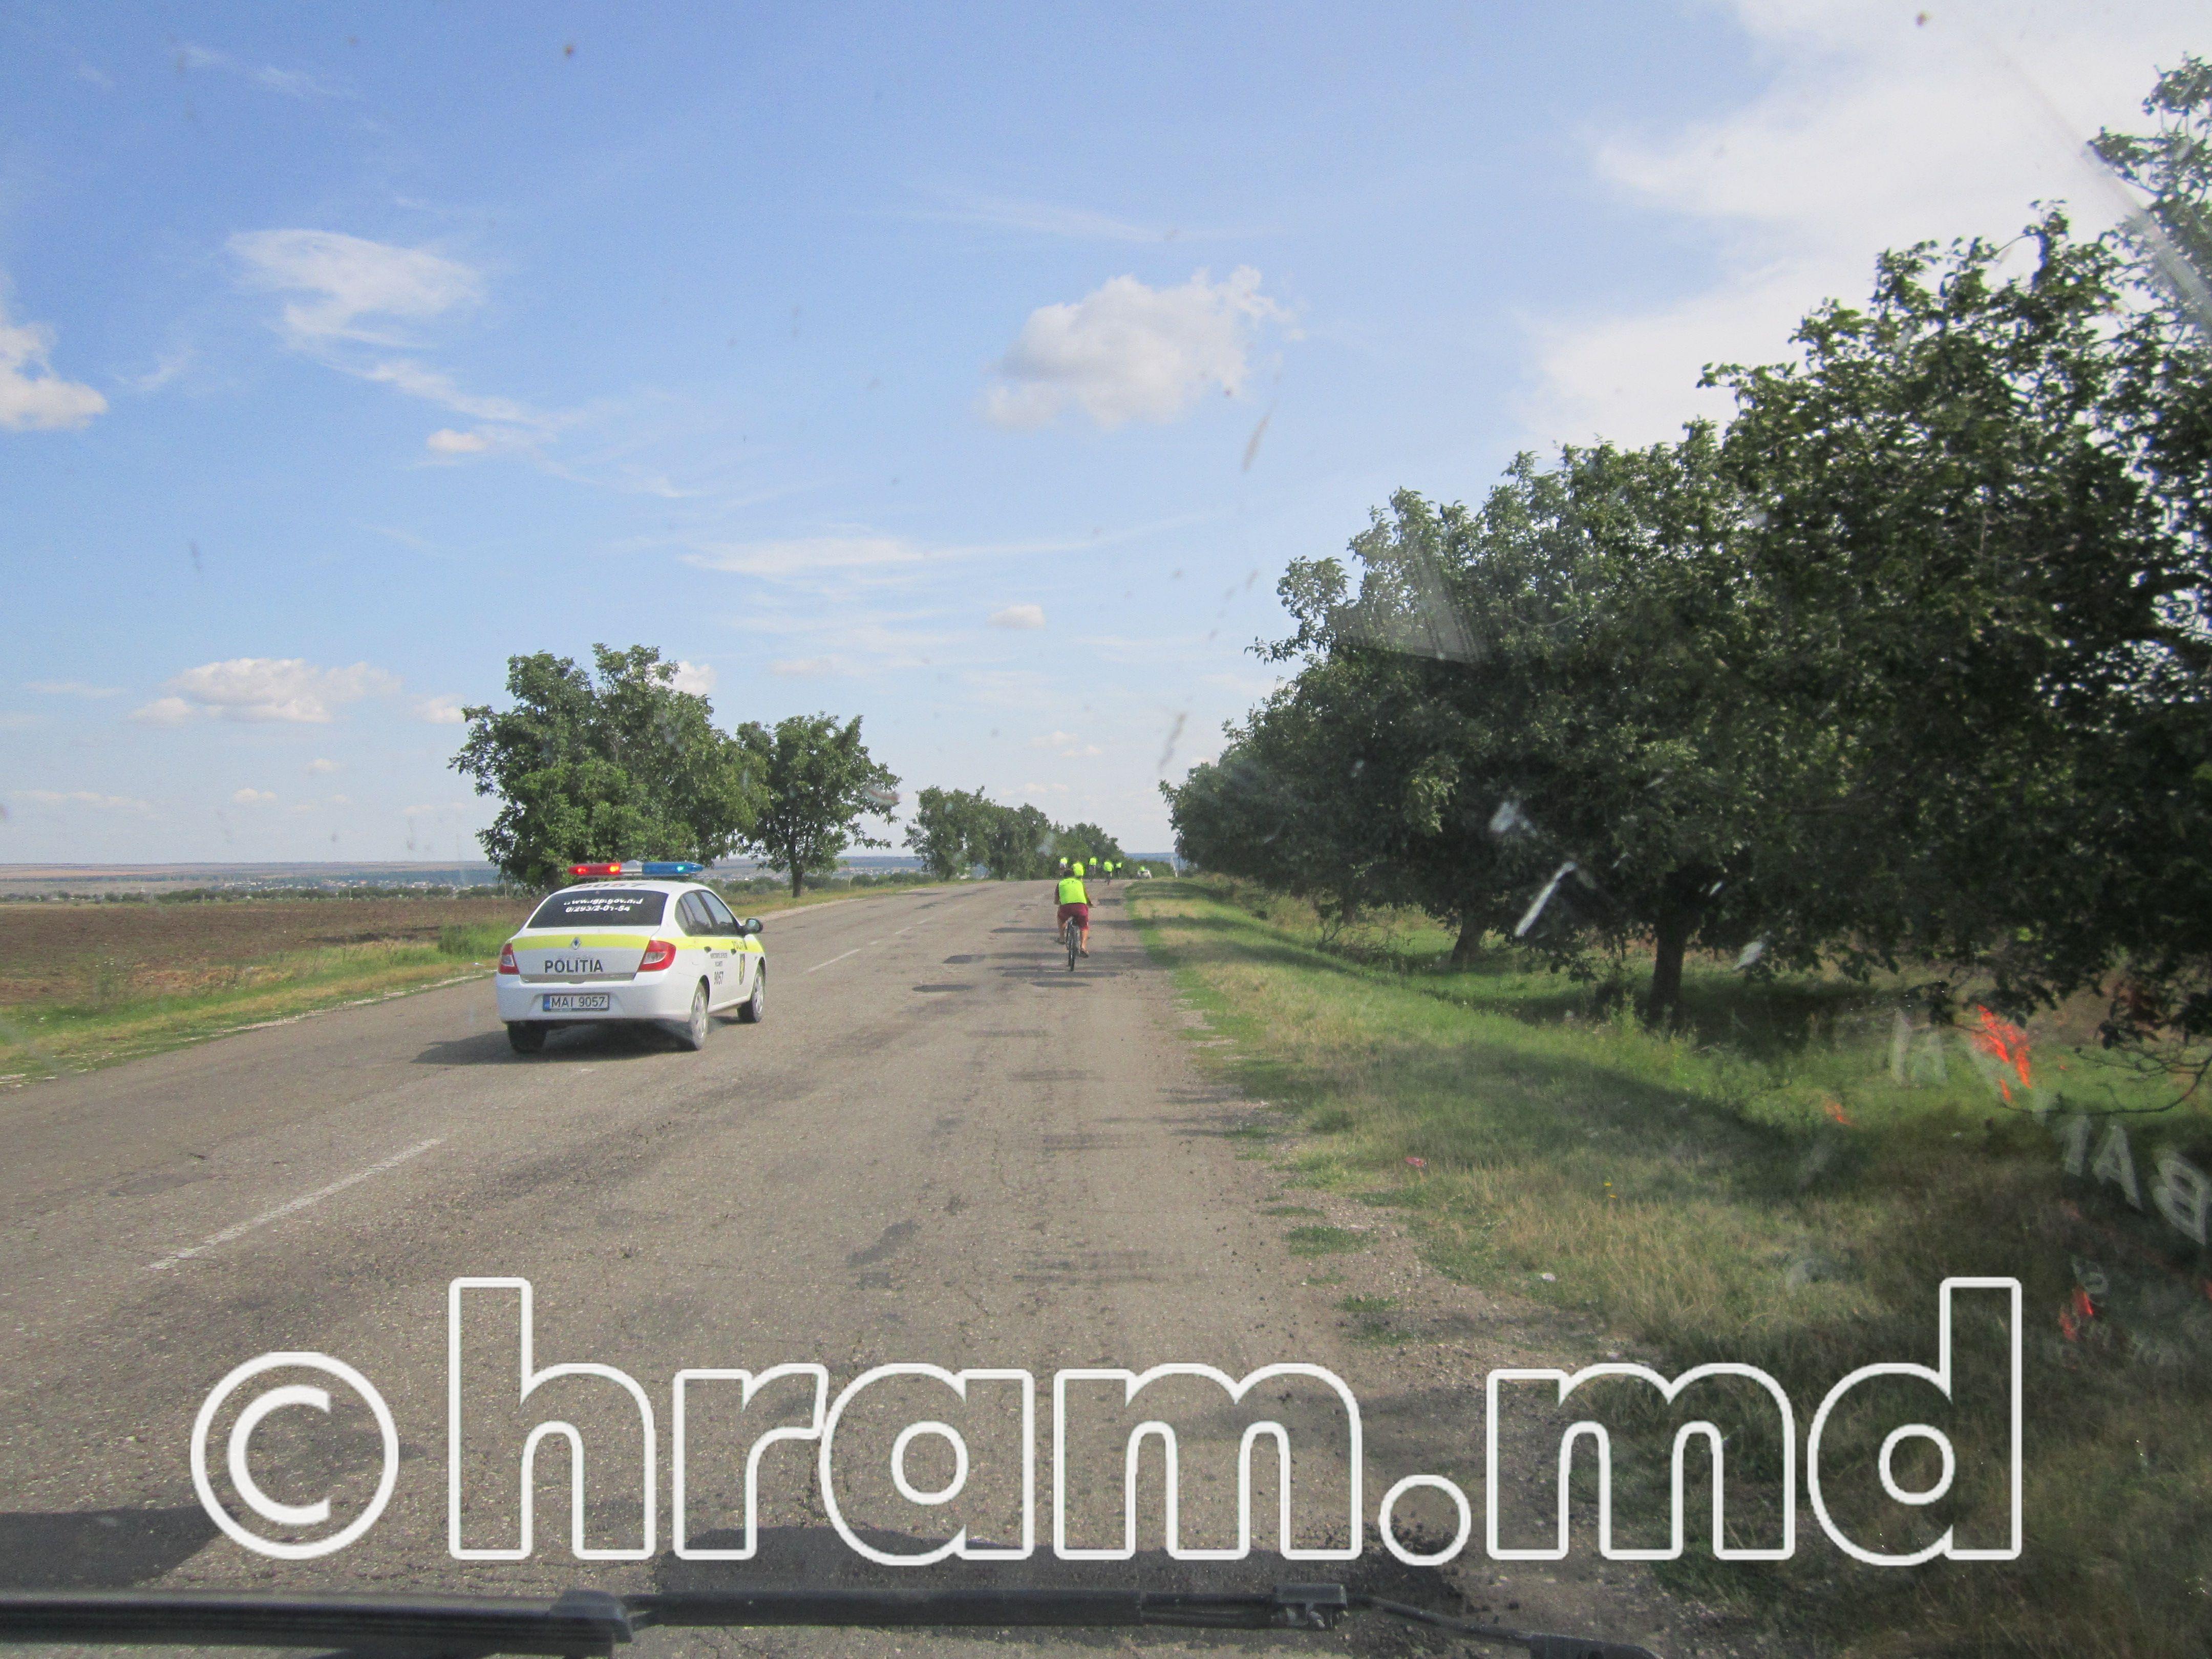 В селе Чишмикиой прошел велопробег православной молодежи, посвященный дню храма